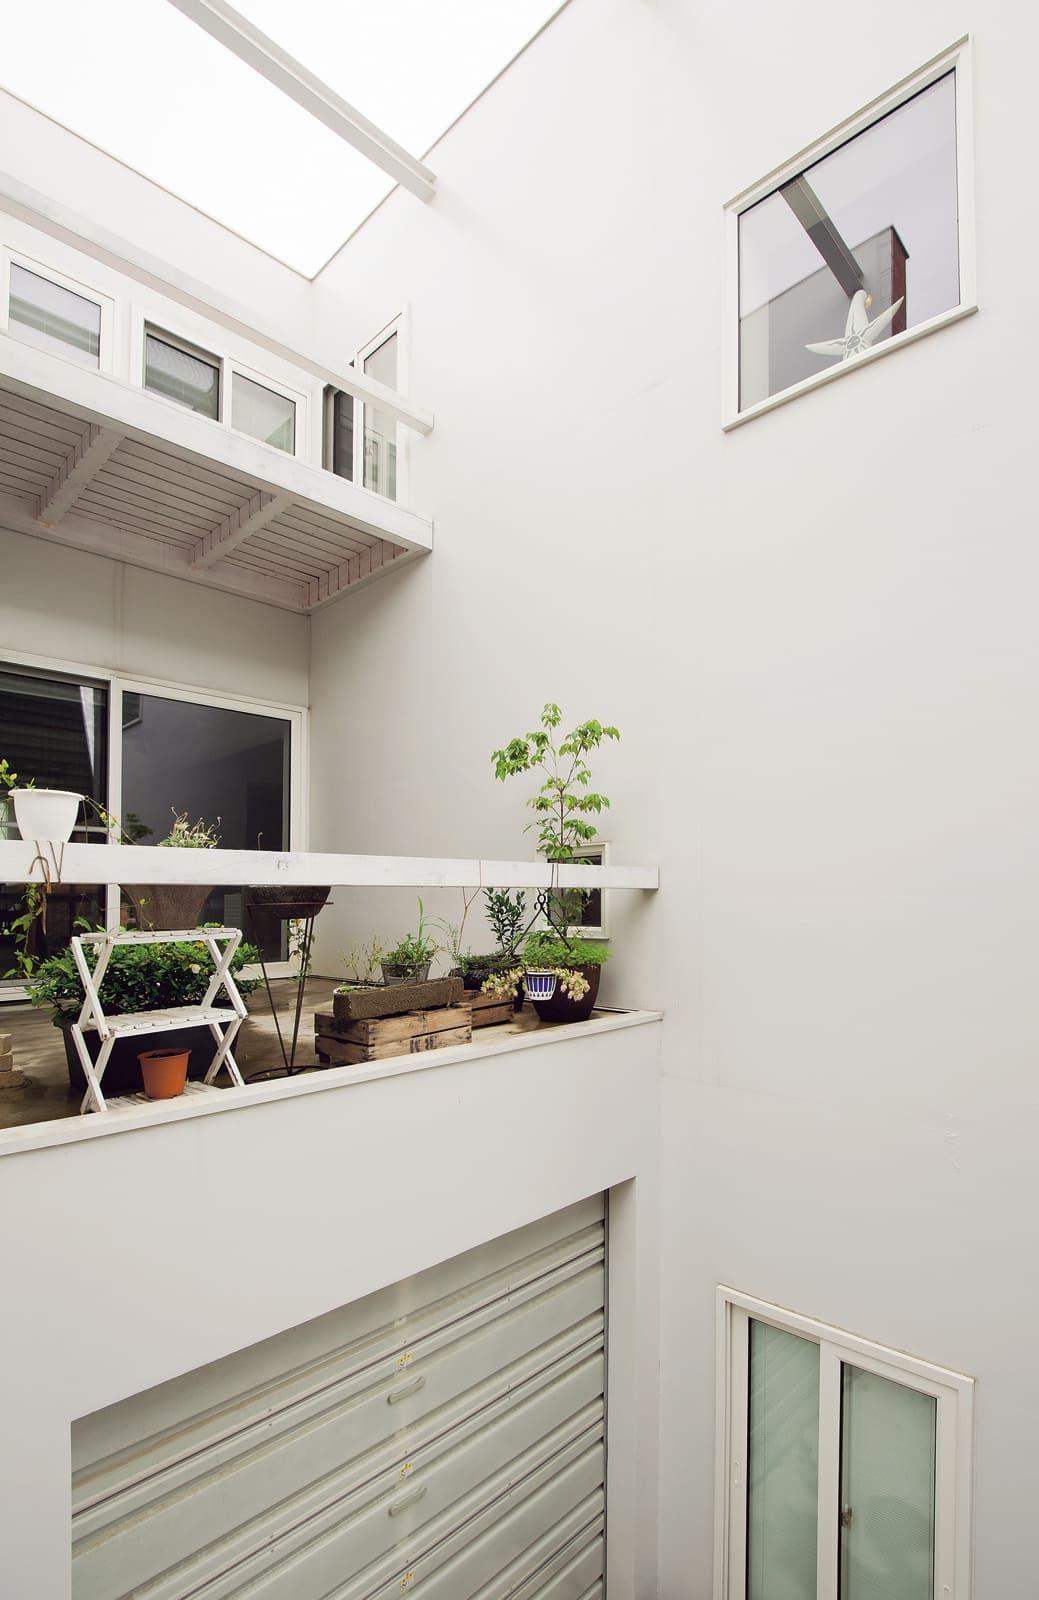 敷地の裏手にある坪庭から2〜3階を見上げる。2階テラスでは、植物を育てたり食事をしたり。壁に囲まれているため、周囲の視線は気にならない